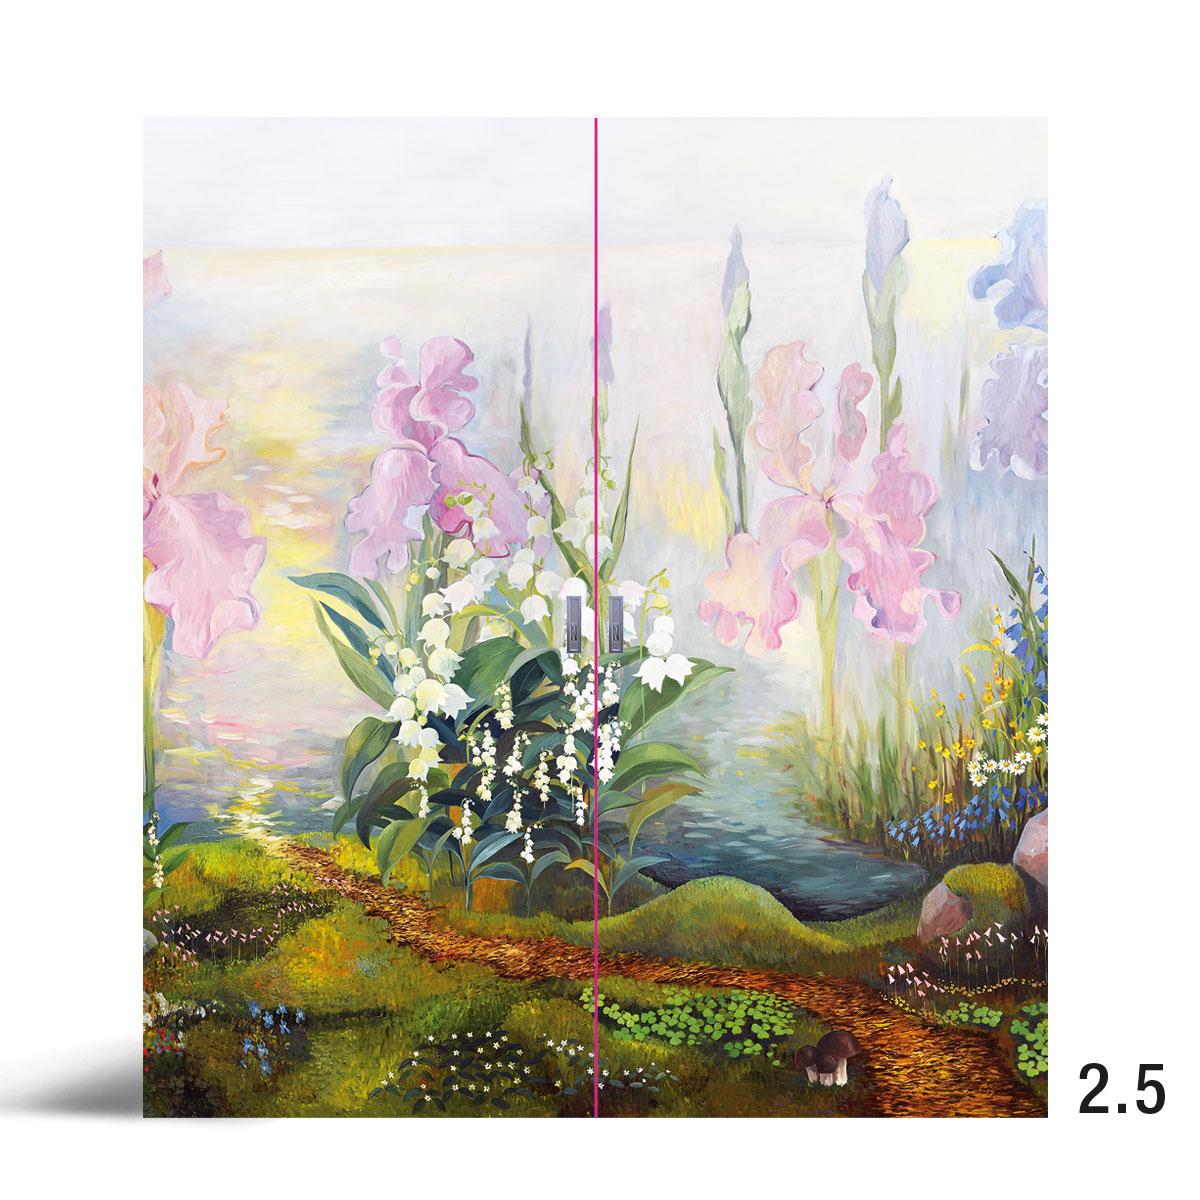 Liune Taide - D20 by Johanna Oras: Onnellisuuden polulla pariovi